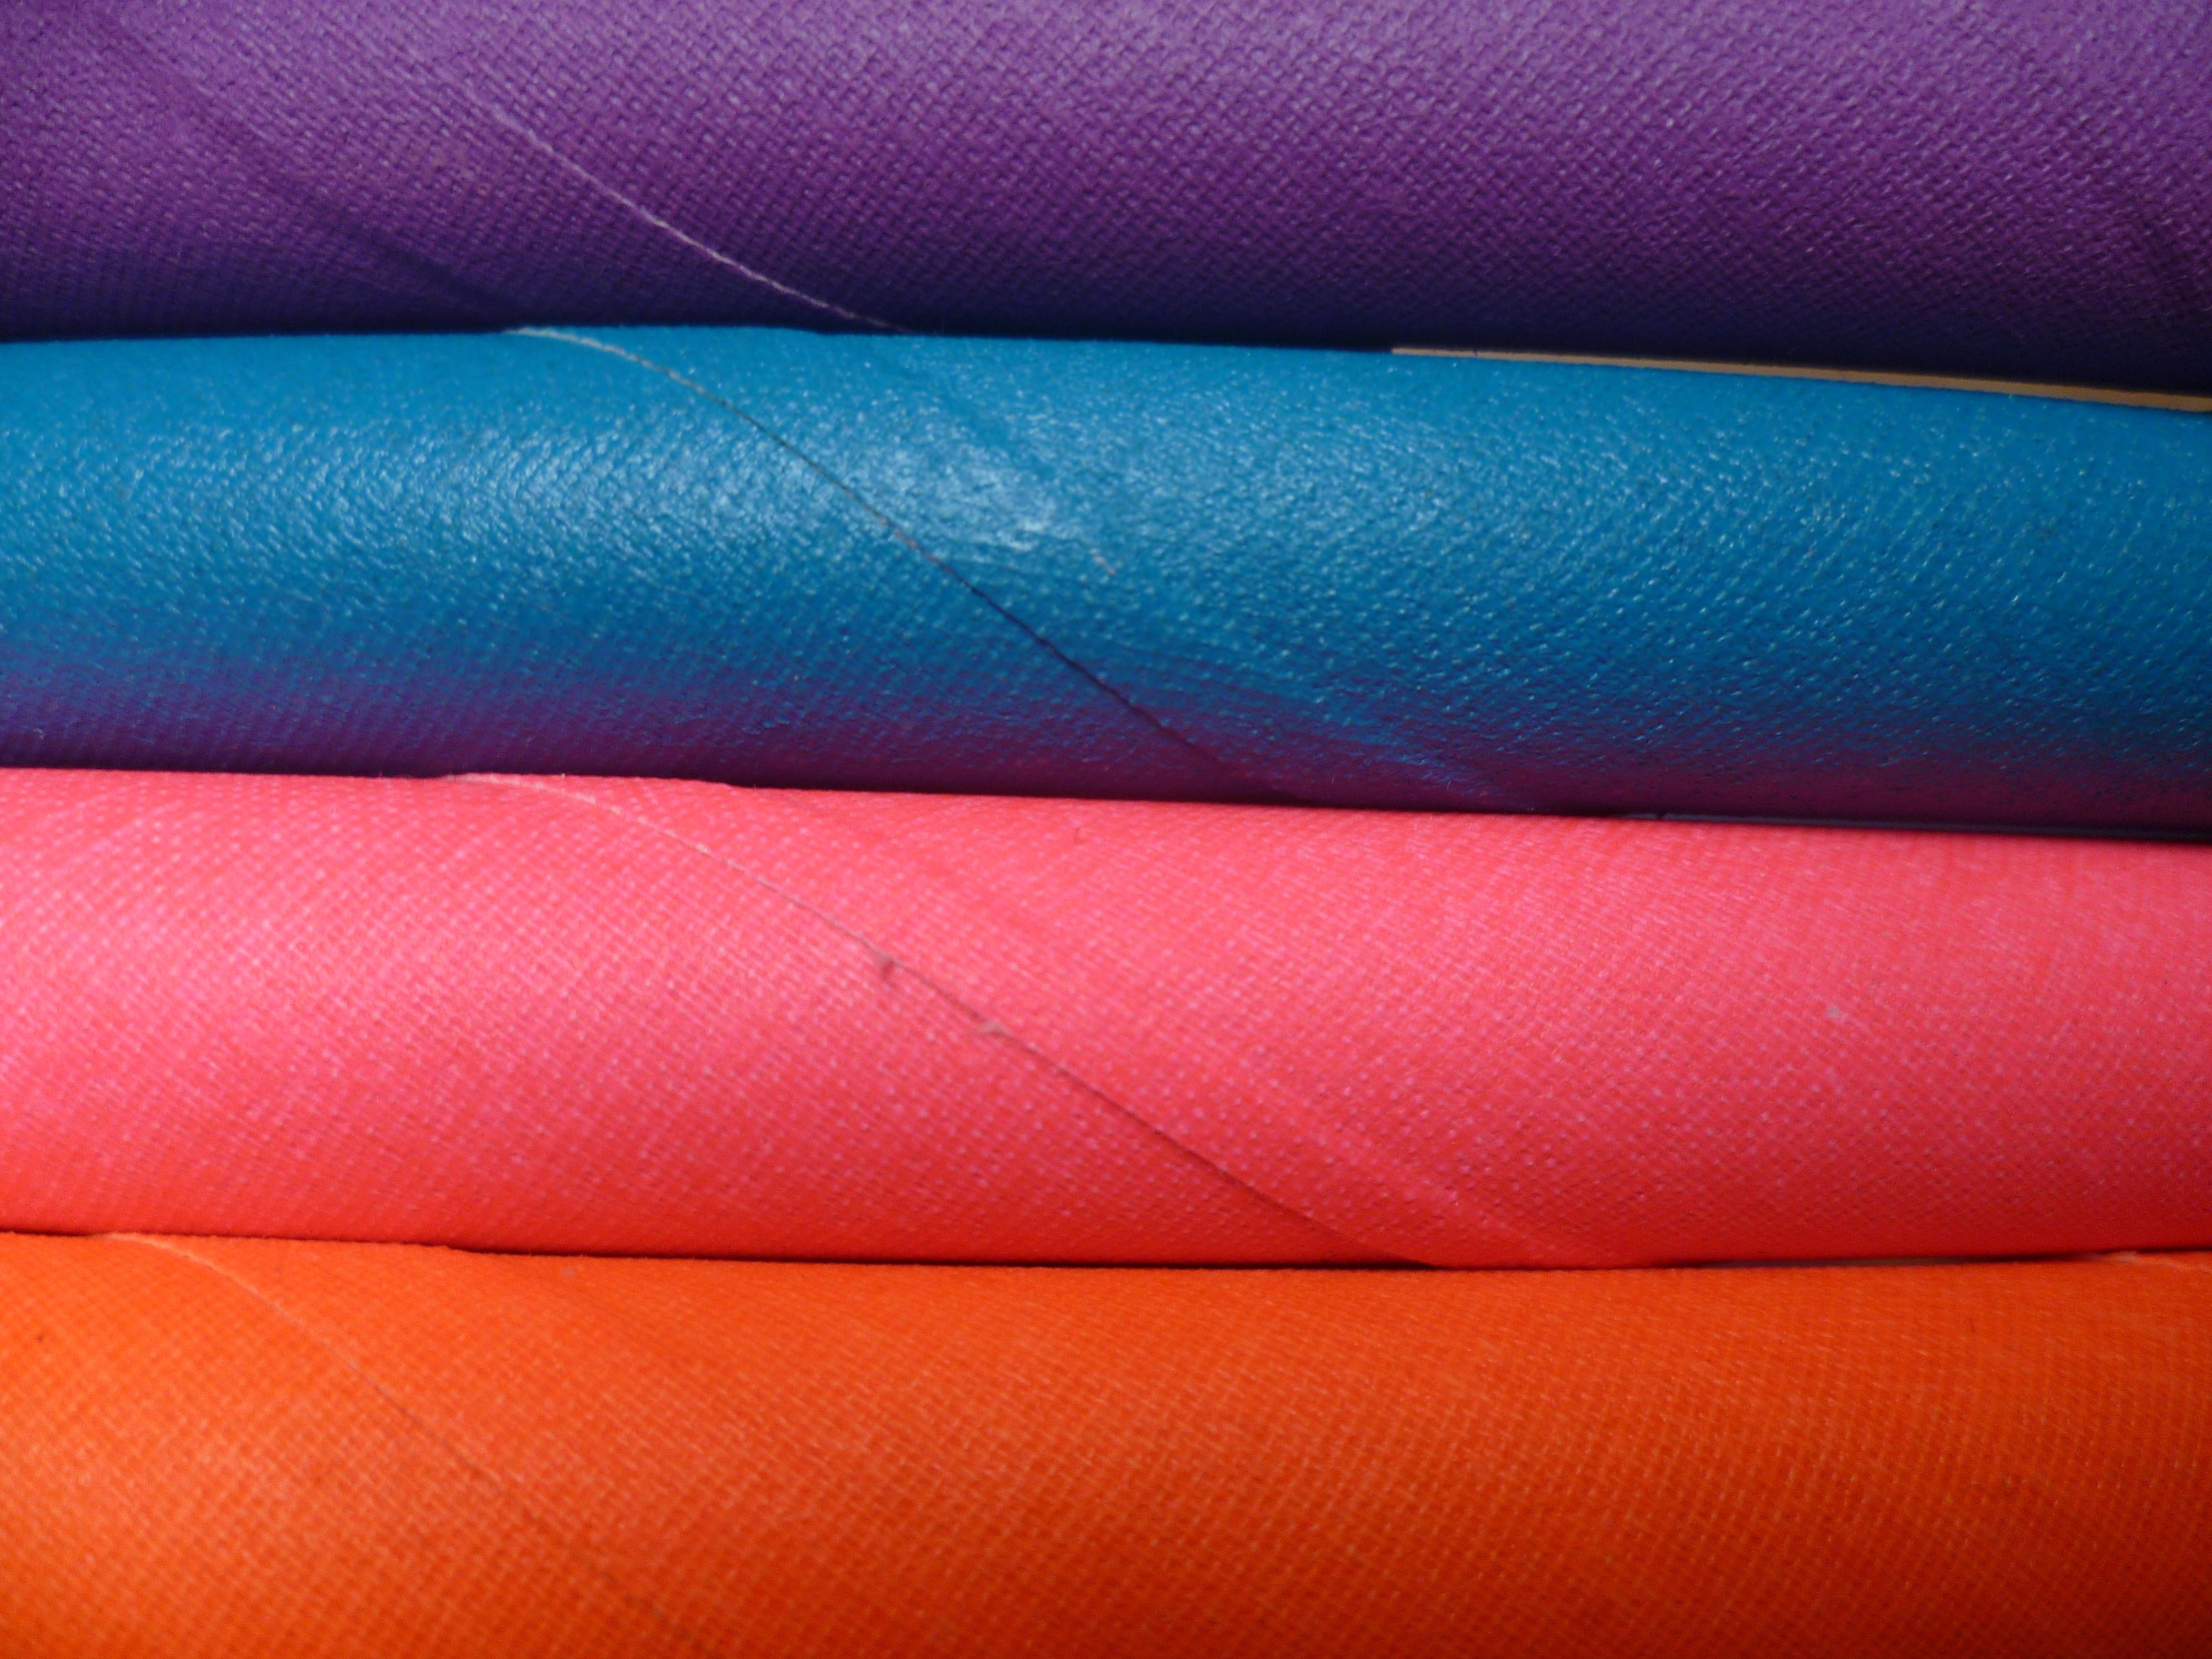 jednofarebné hulahoopy